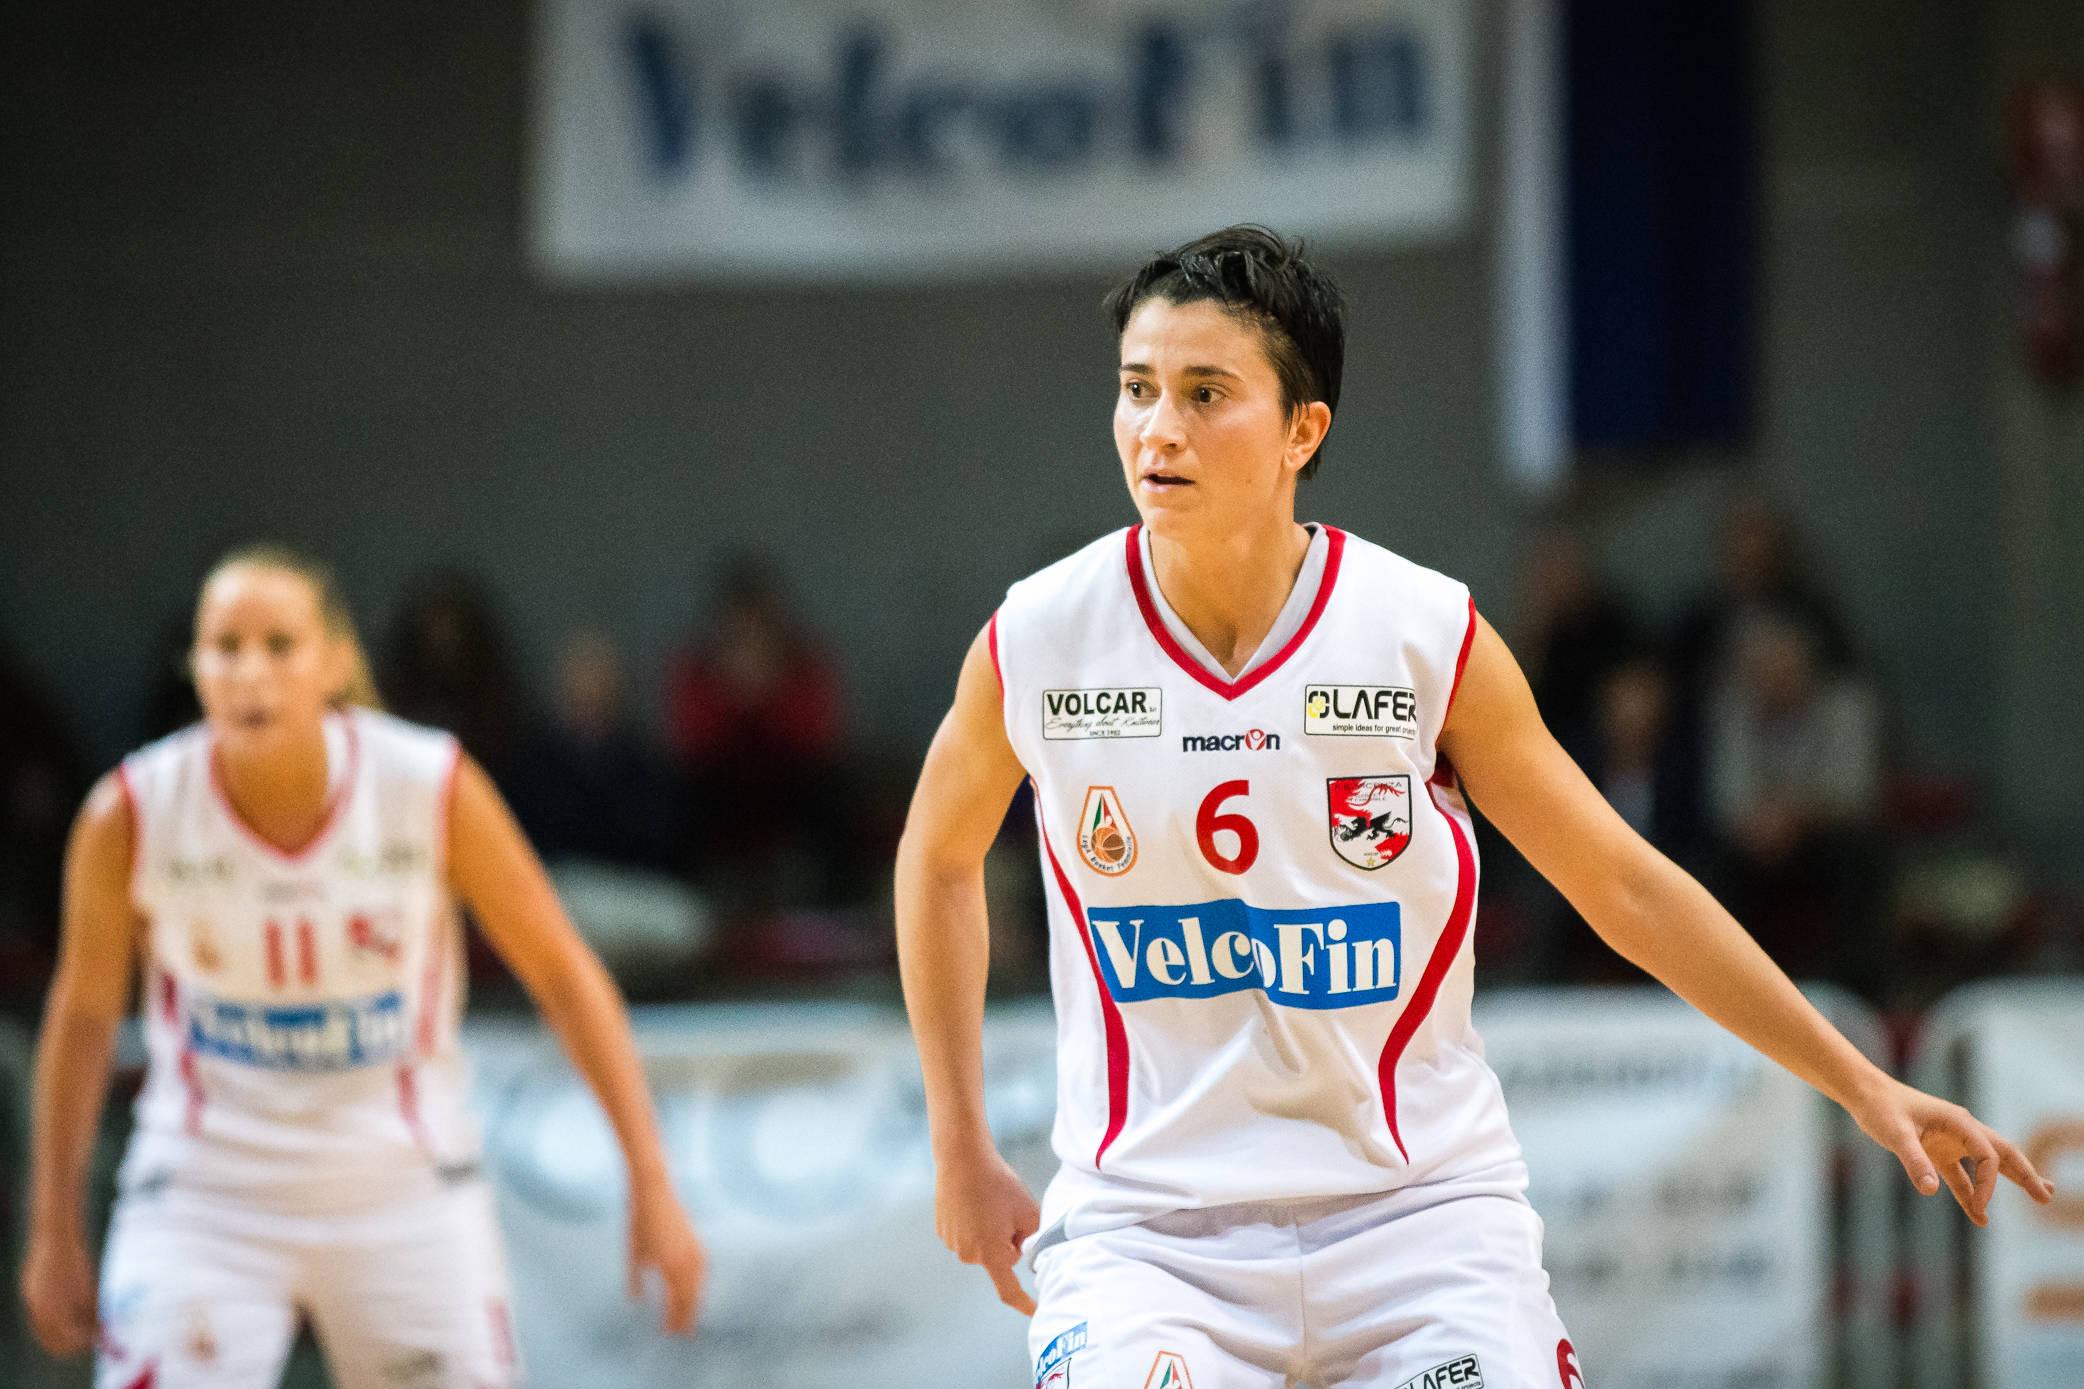 Giulia Pegoraro VelcoFin